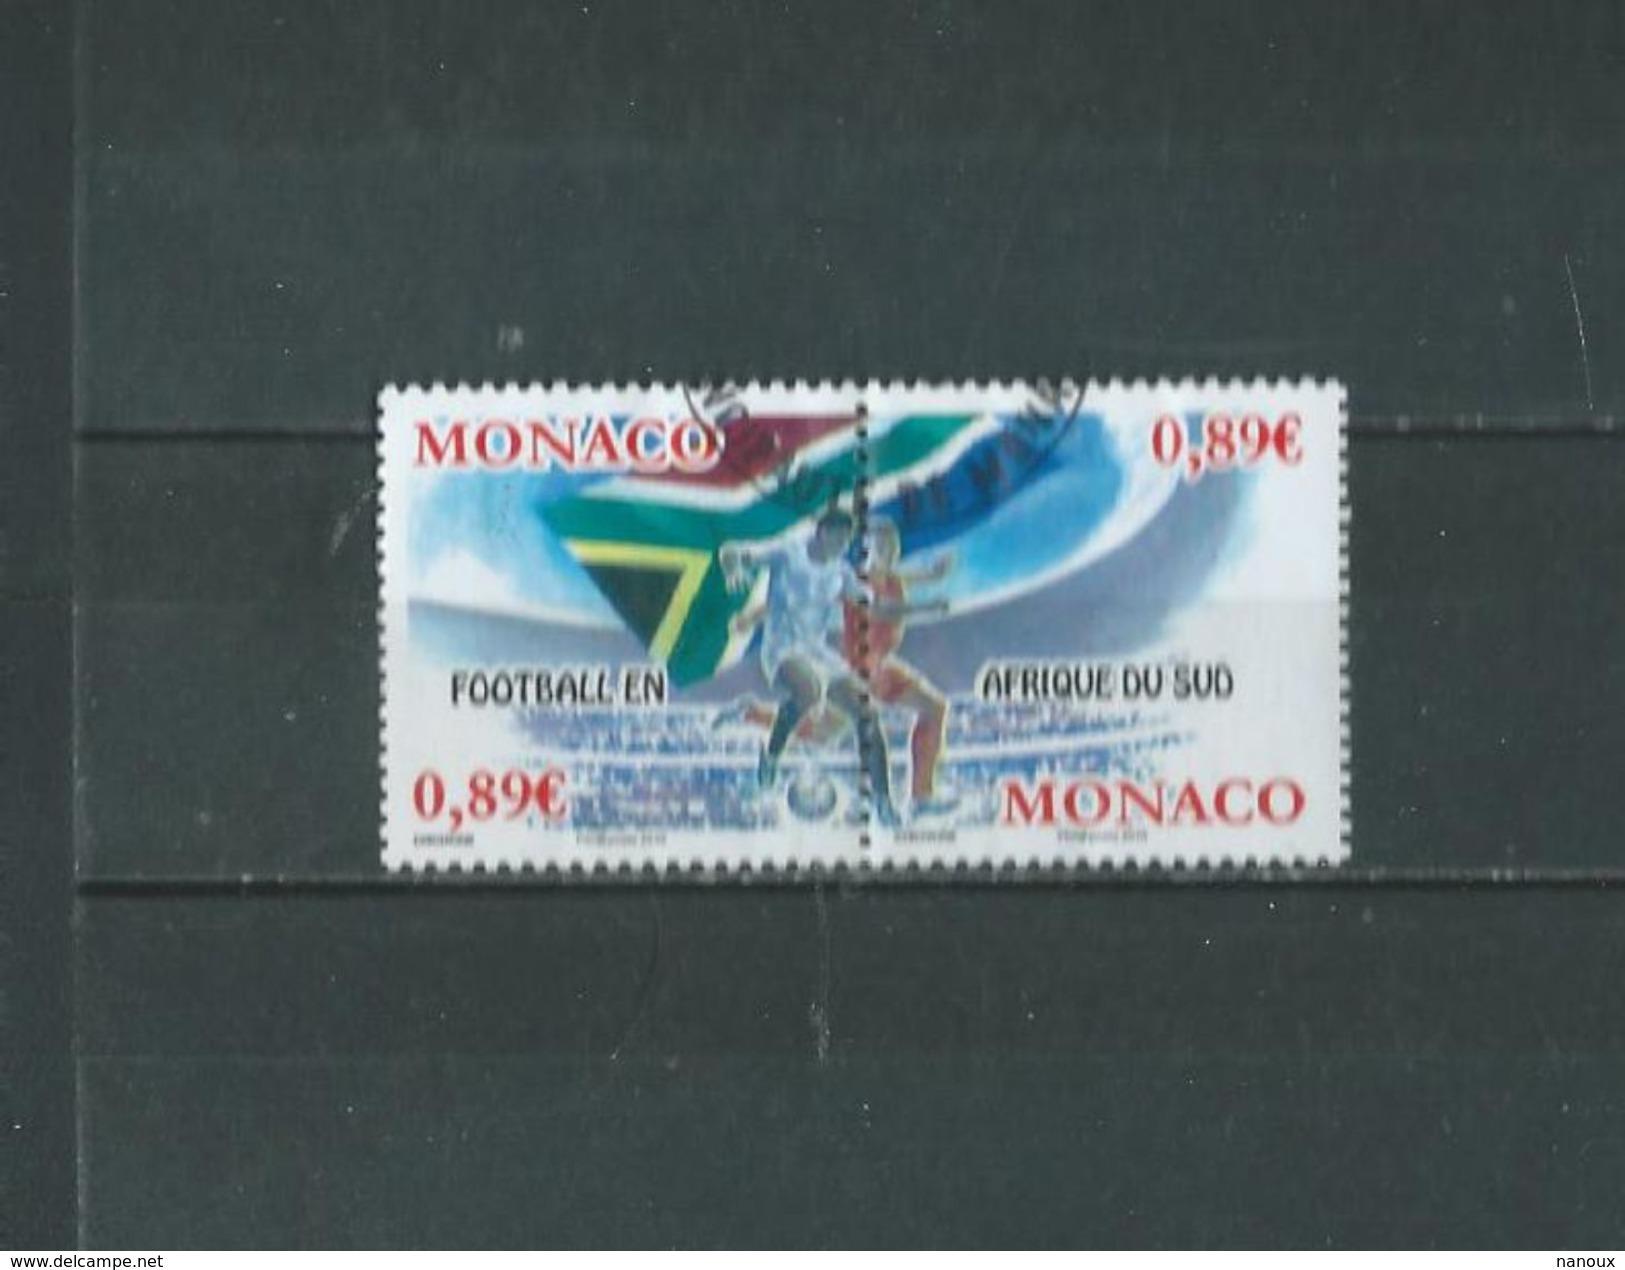 Timbre Oblitére De Monaco 2010 - Monaco